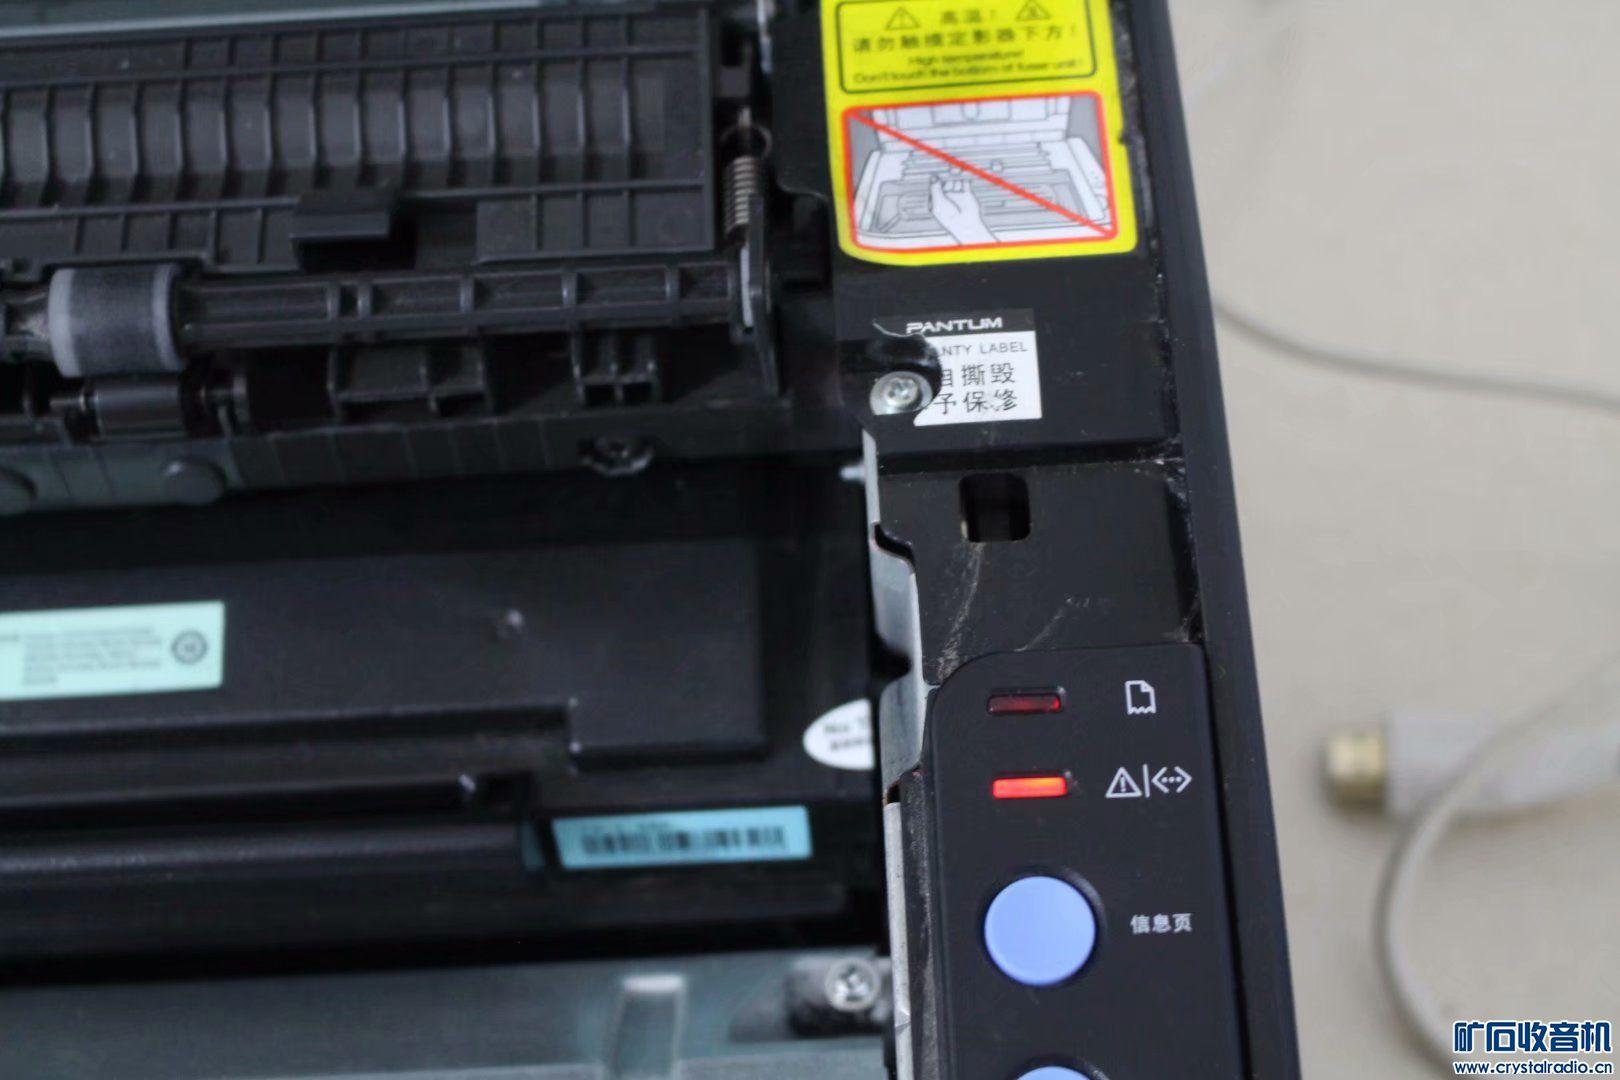 3号配件机,能联机不打印,77元,包邮不退换 A (5).jpg